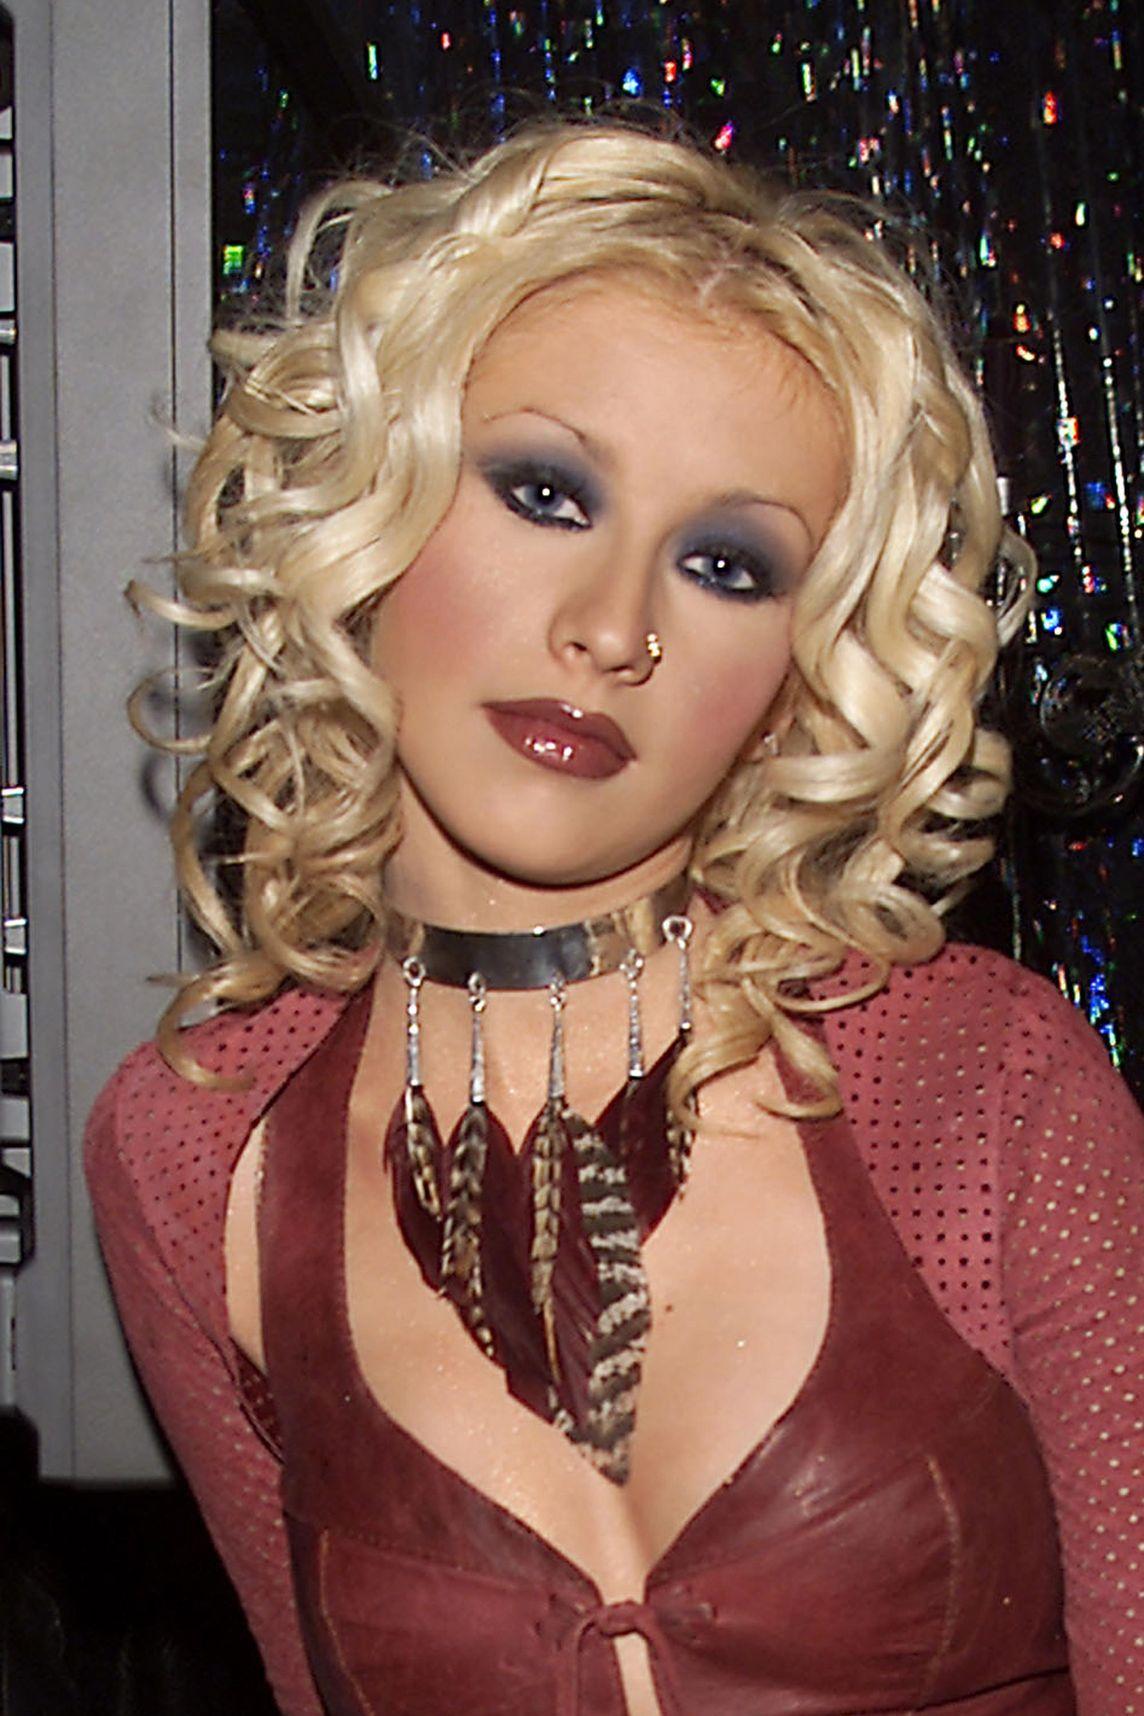 23 Make-up-Trends der frühen 00er Jahre, von denen Sie vergessen haben, dass Sie besessen waren